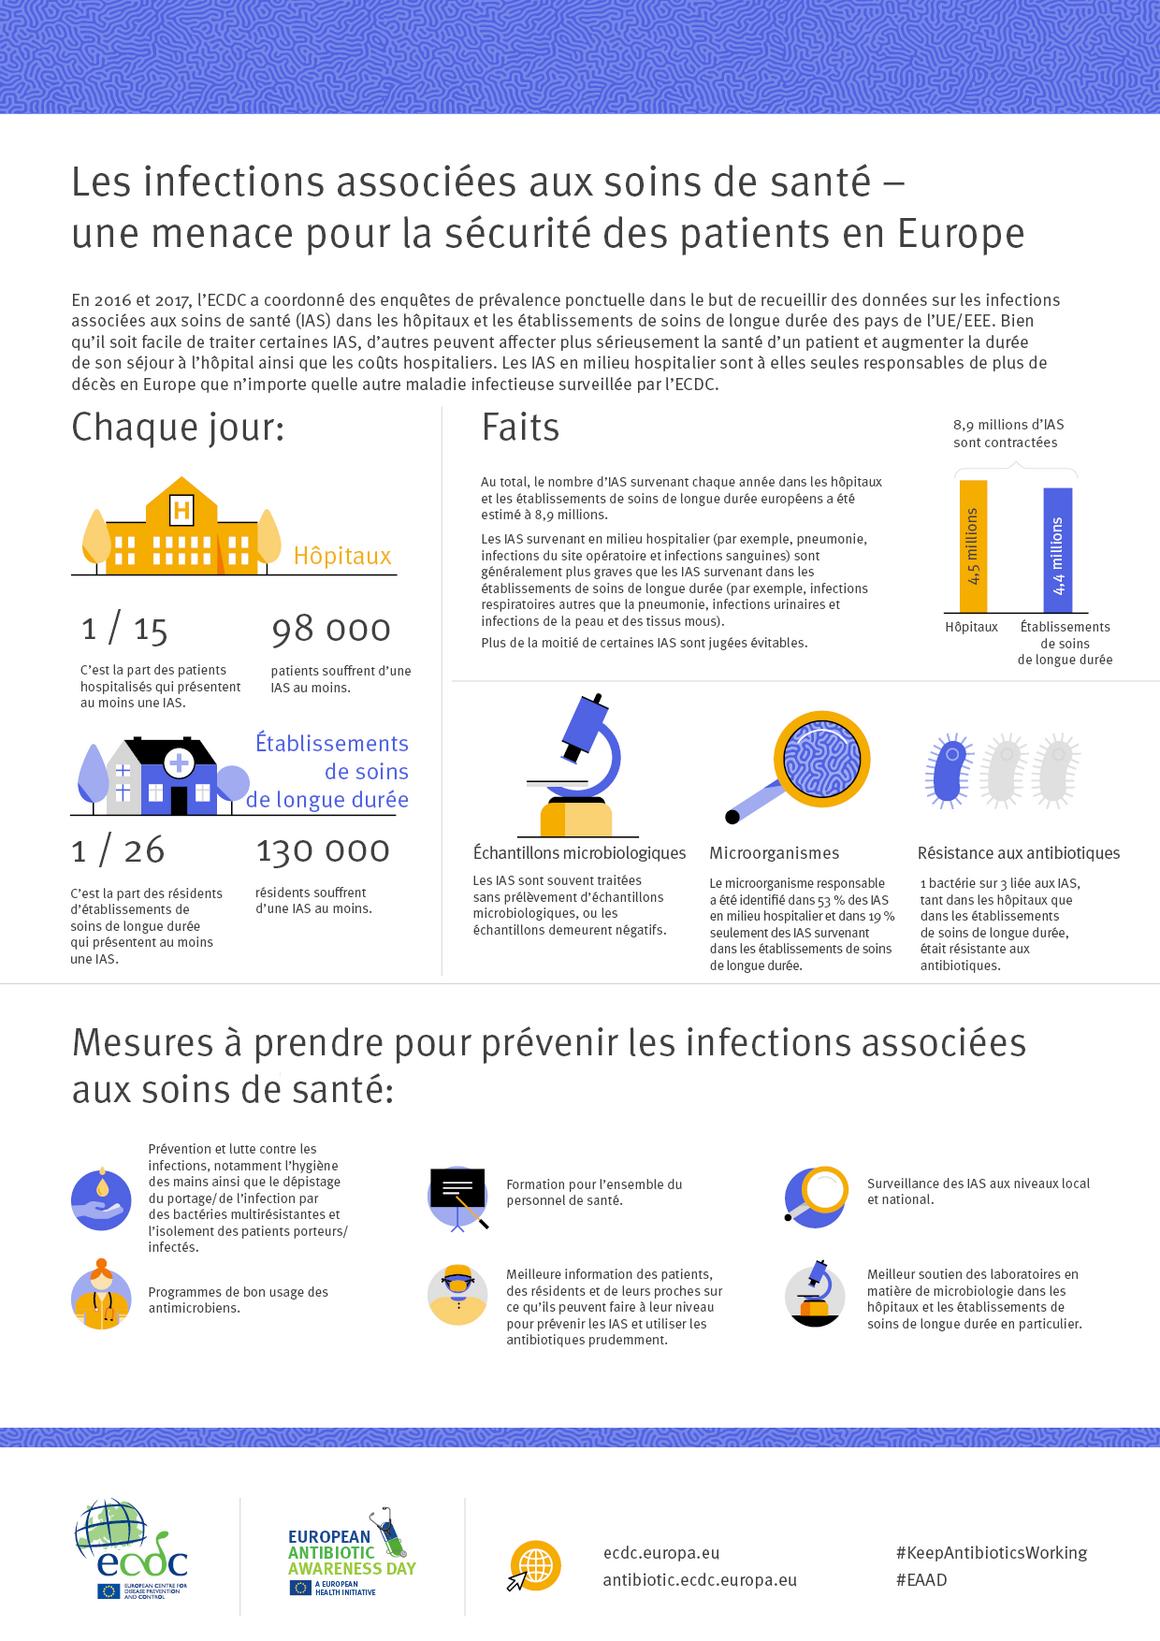 Les infections associées aux soins de santé – une menace pour la sécurité des patients en Europe